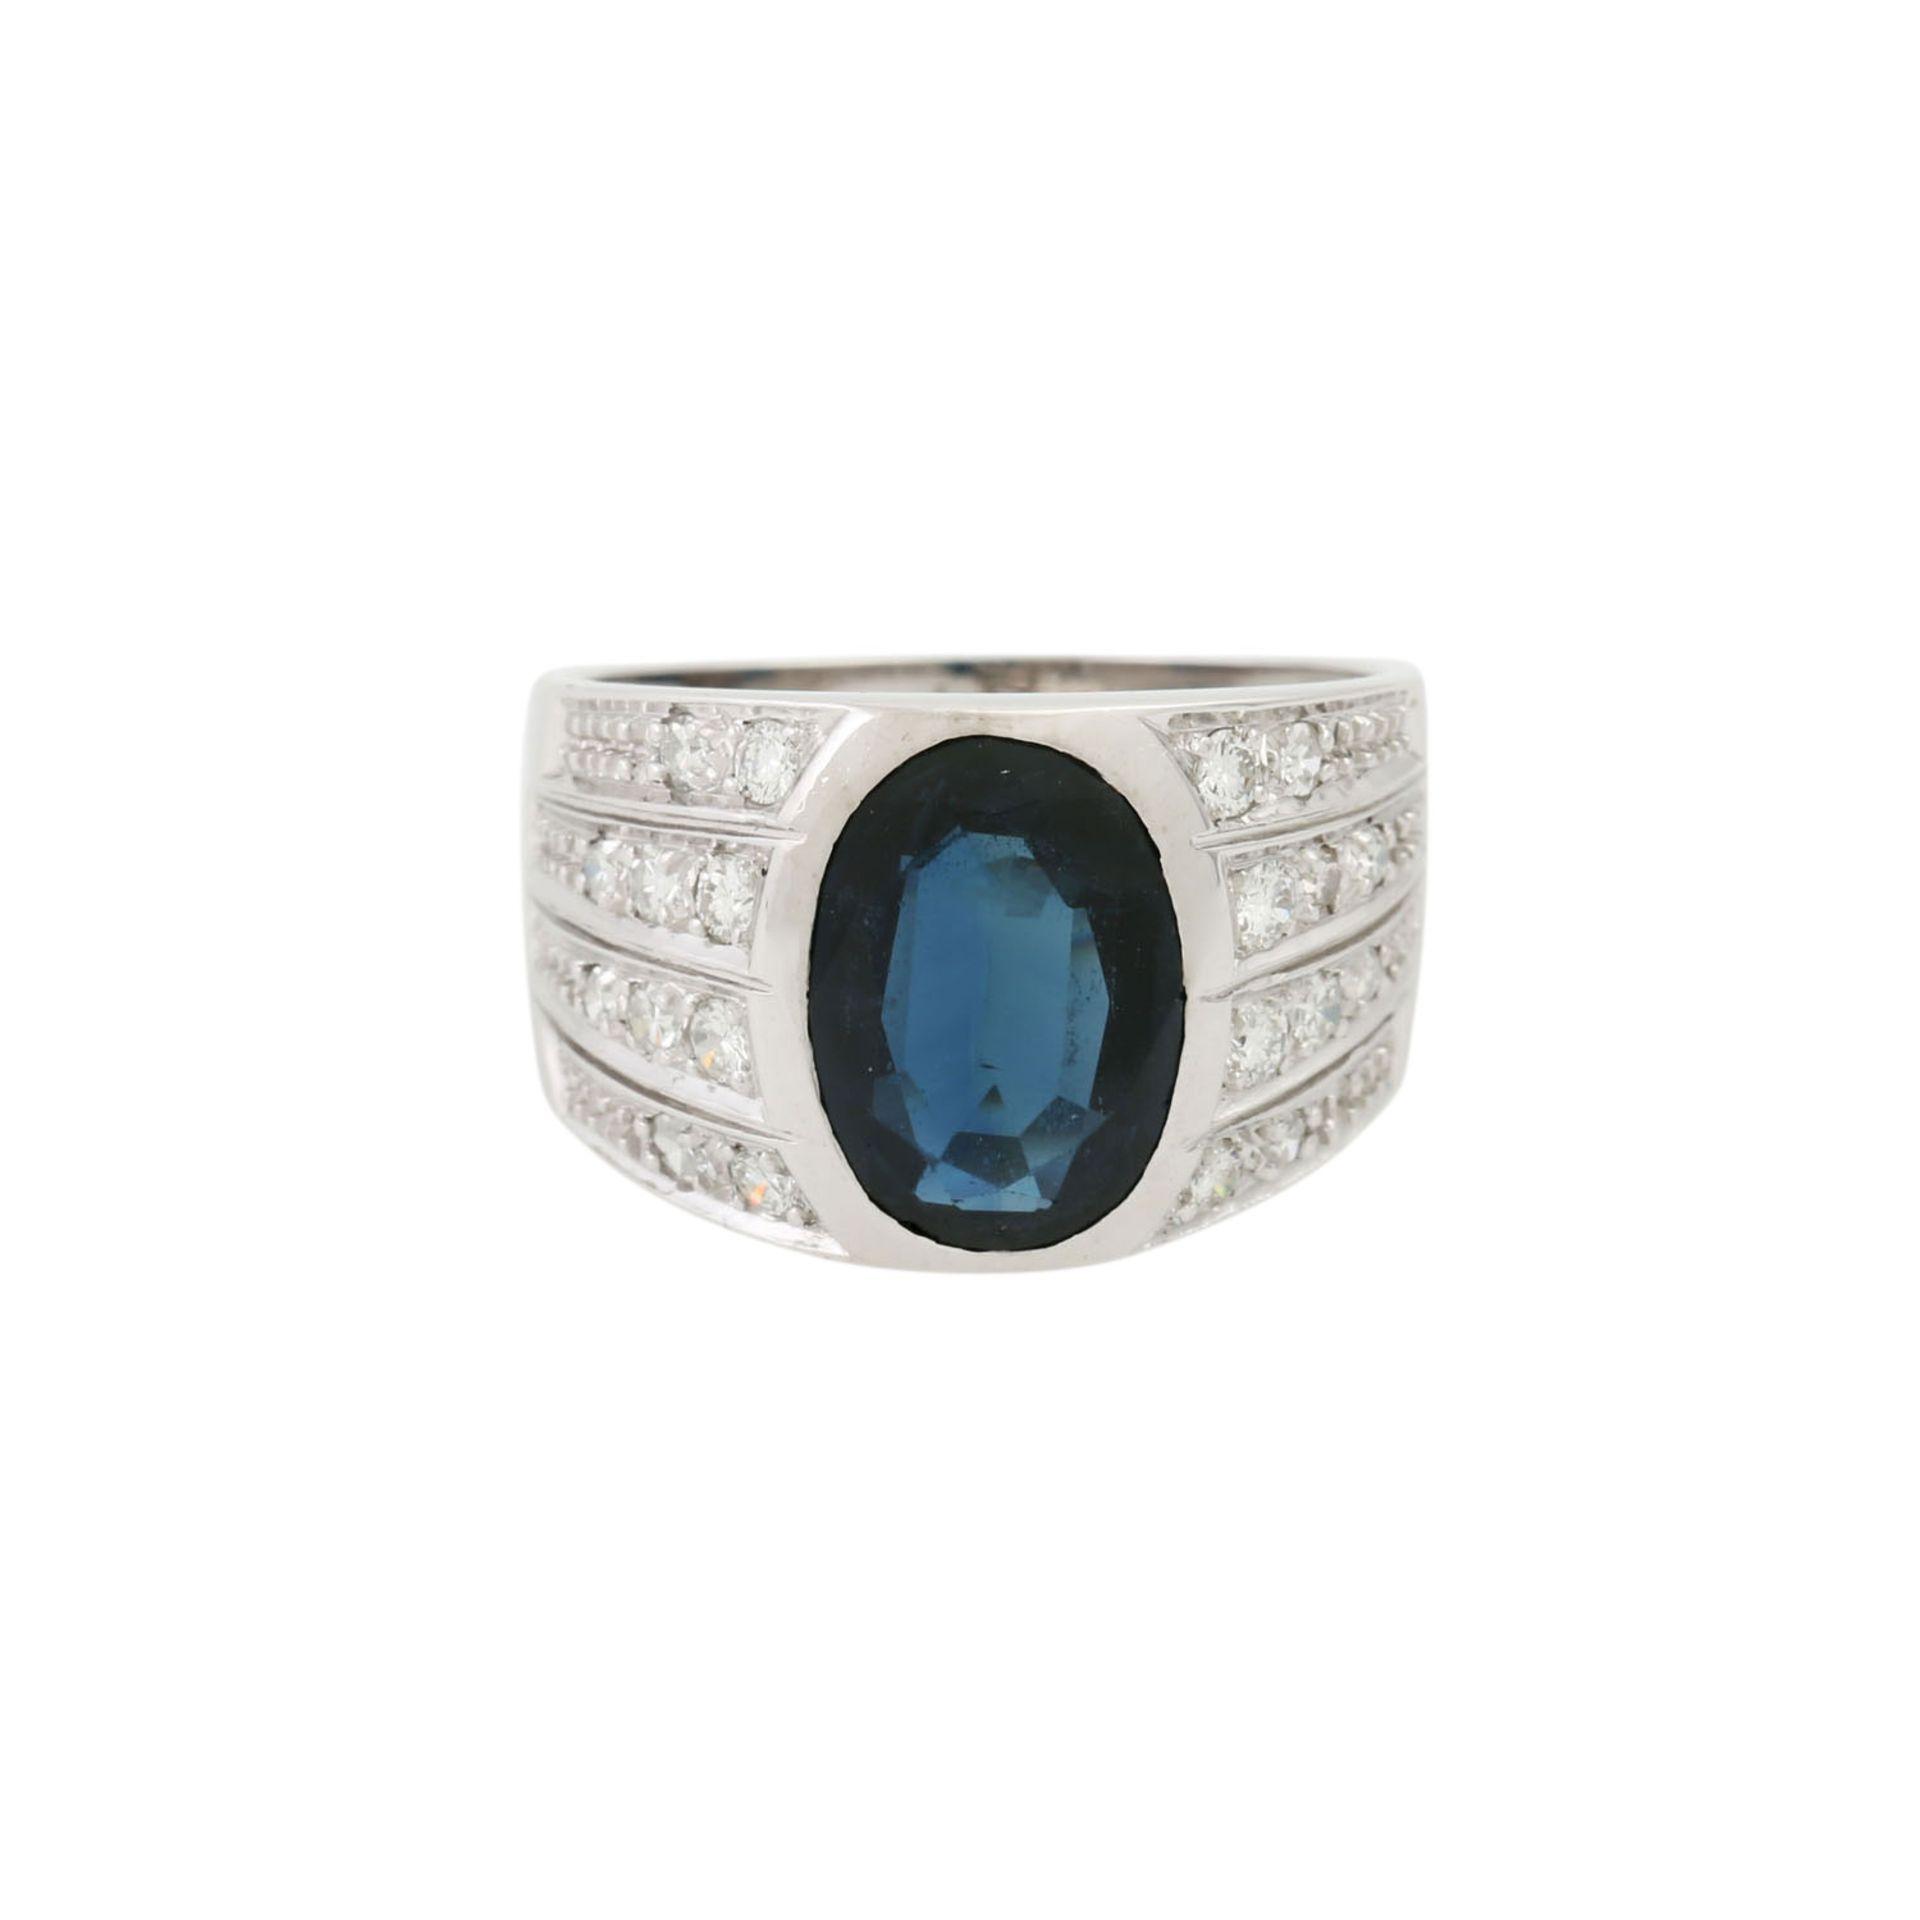 Ring mit Saphir und Diamanten - Image 2 of 4